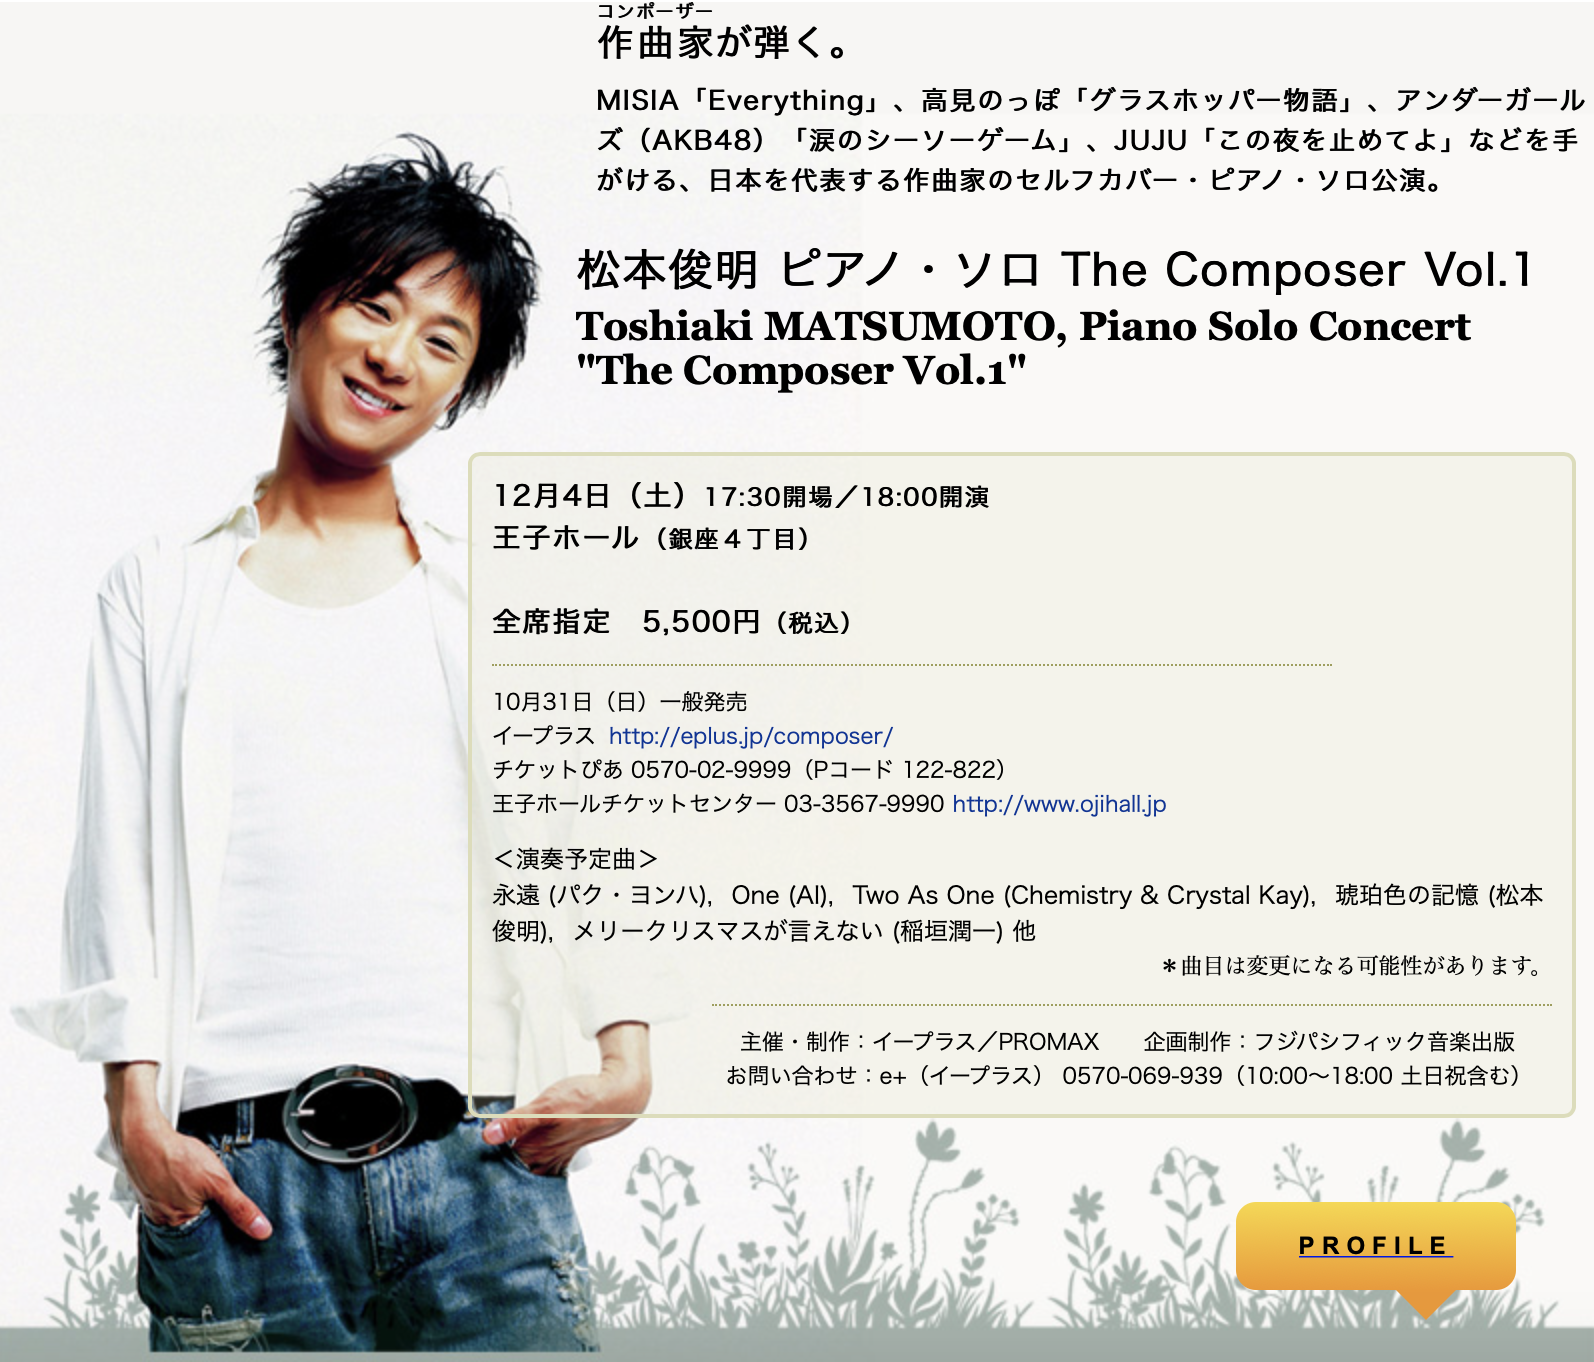 ピアノ・ソロ The Composer Vol.1